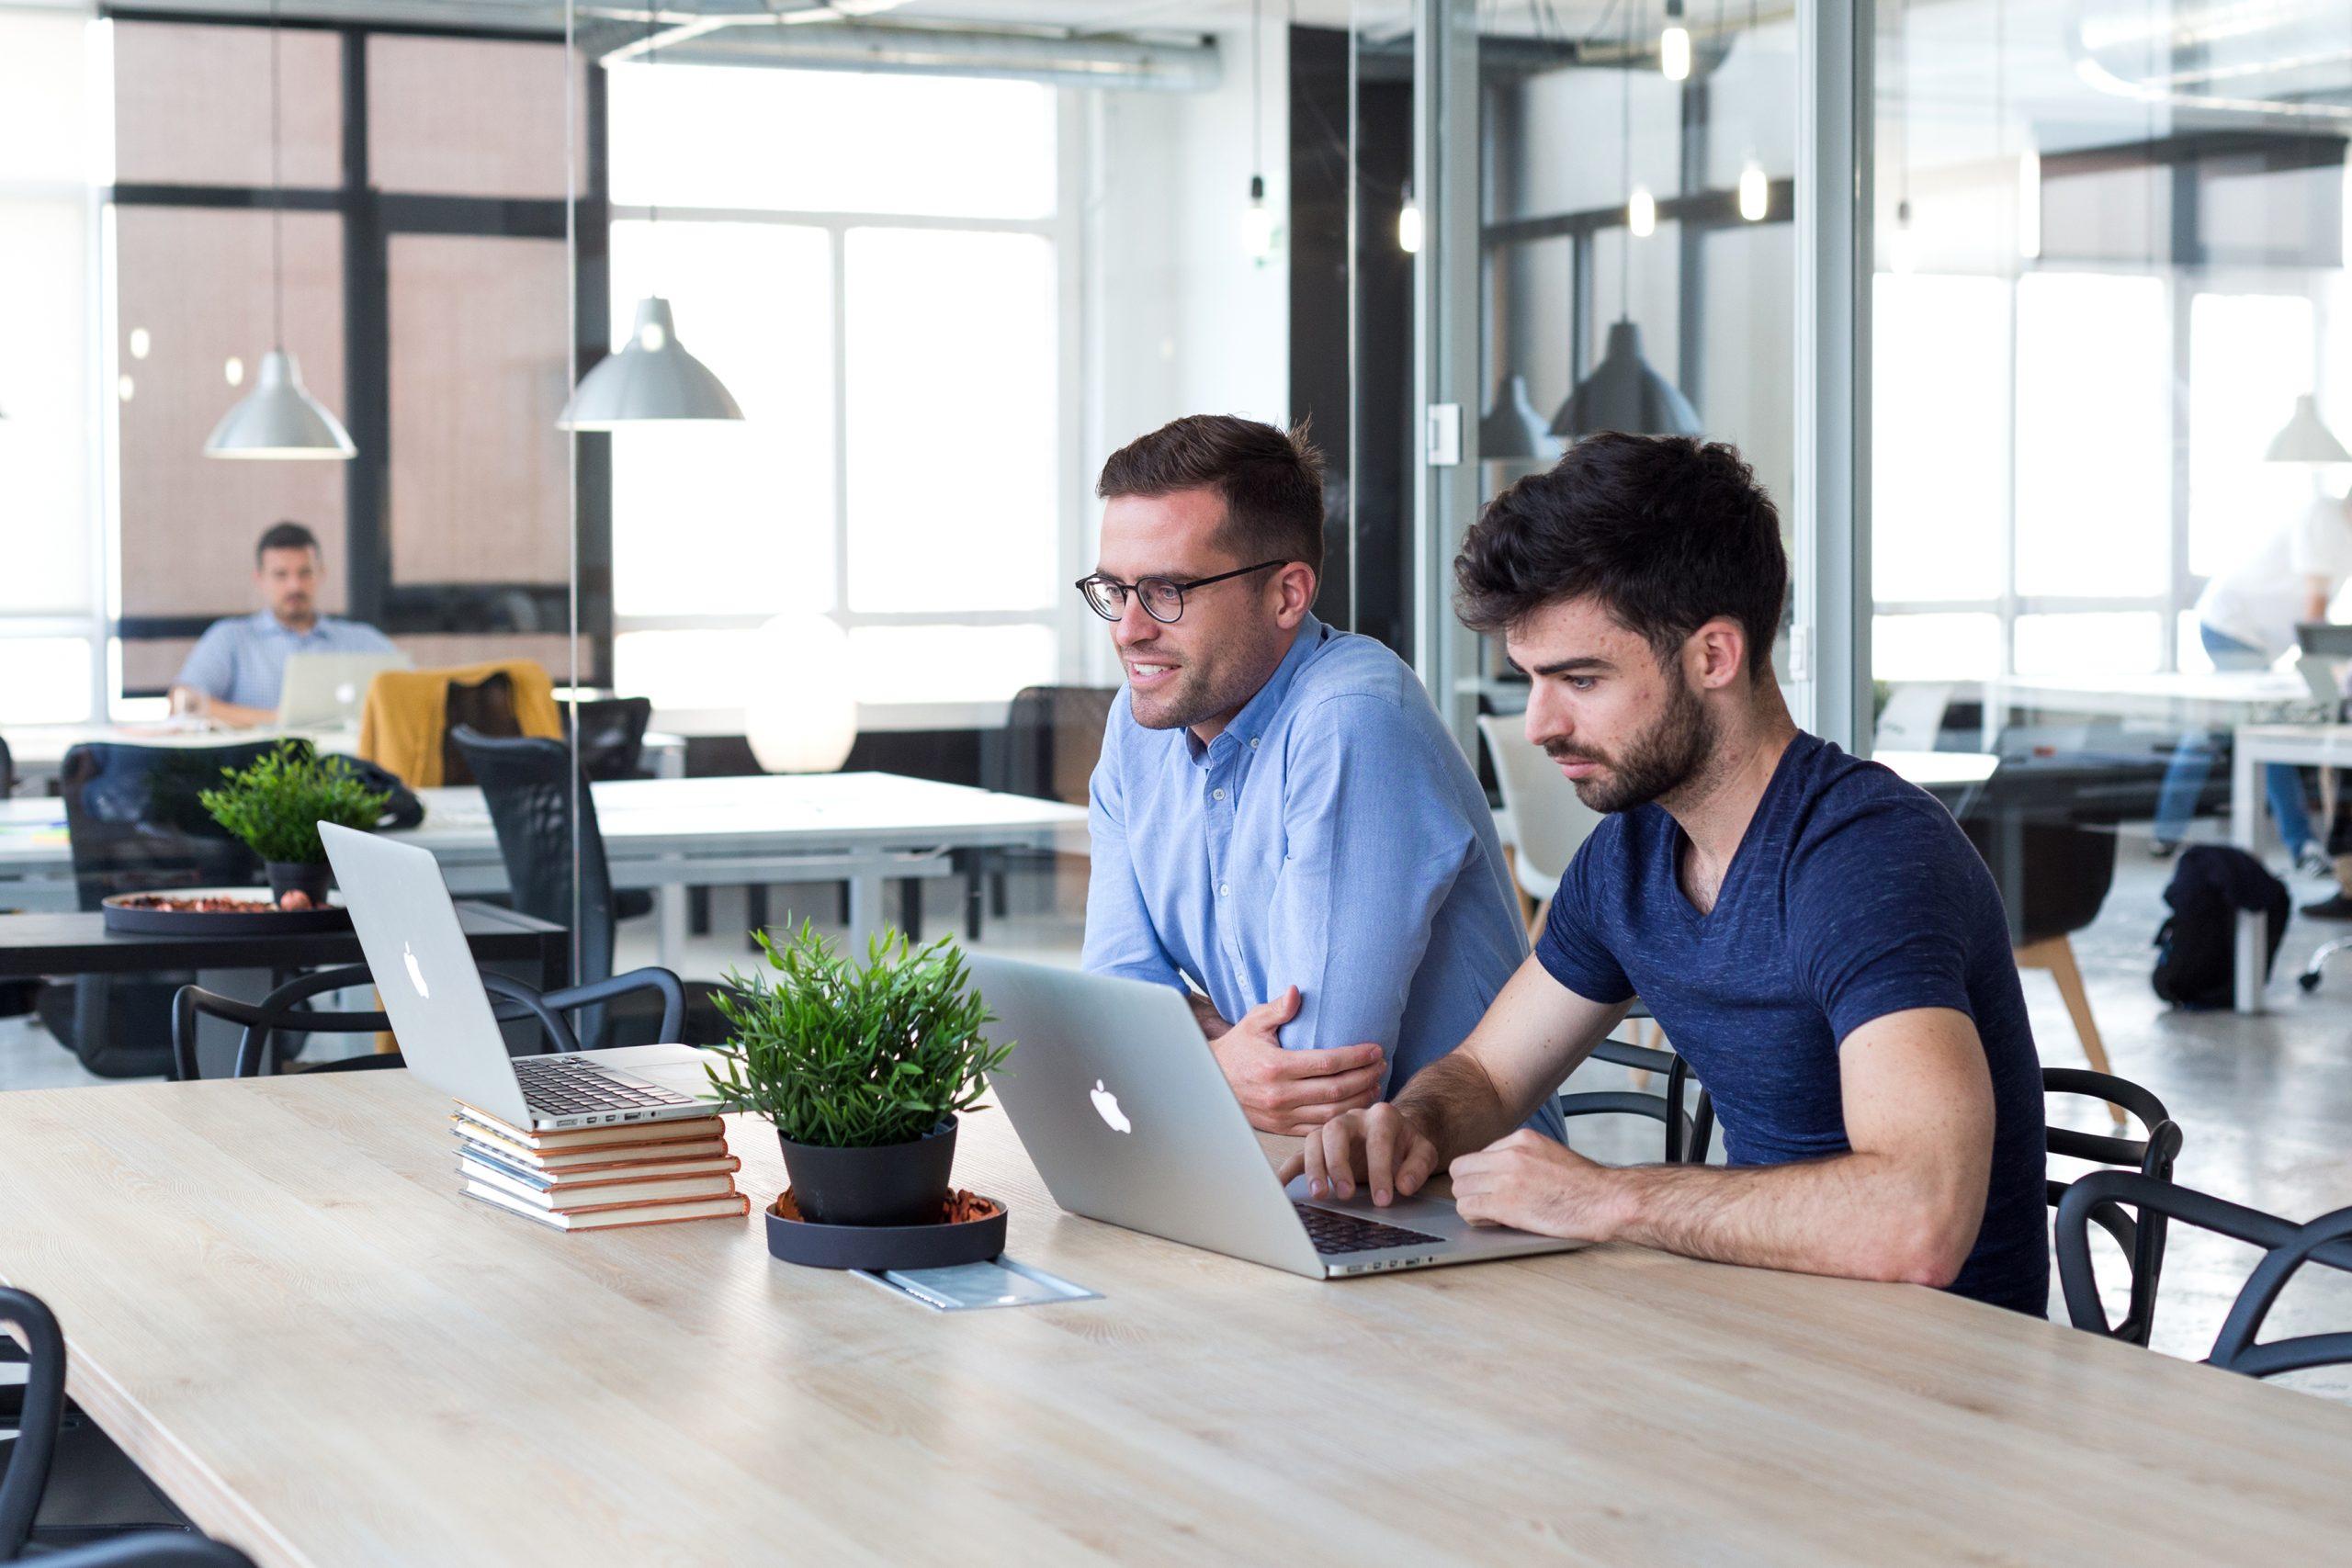 Innovación-Startup-Berba-Biworking-bilbao- oficinas-concentración